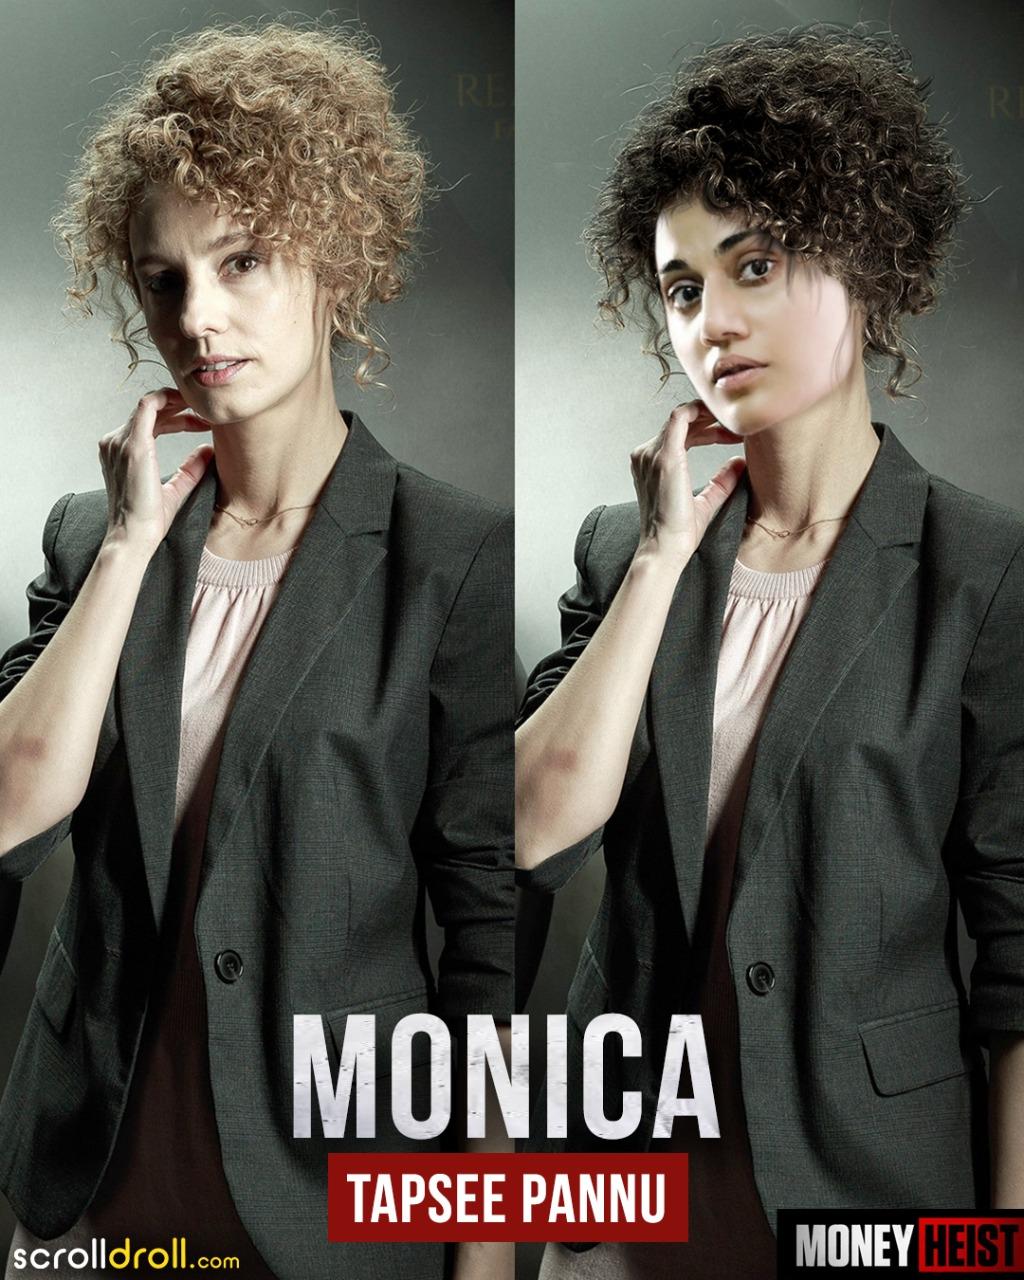 Money-Heist-With-A-Bollywood-Cast-Monica